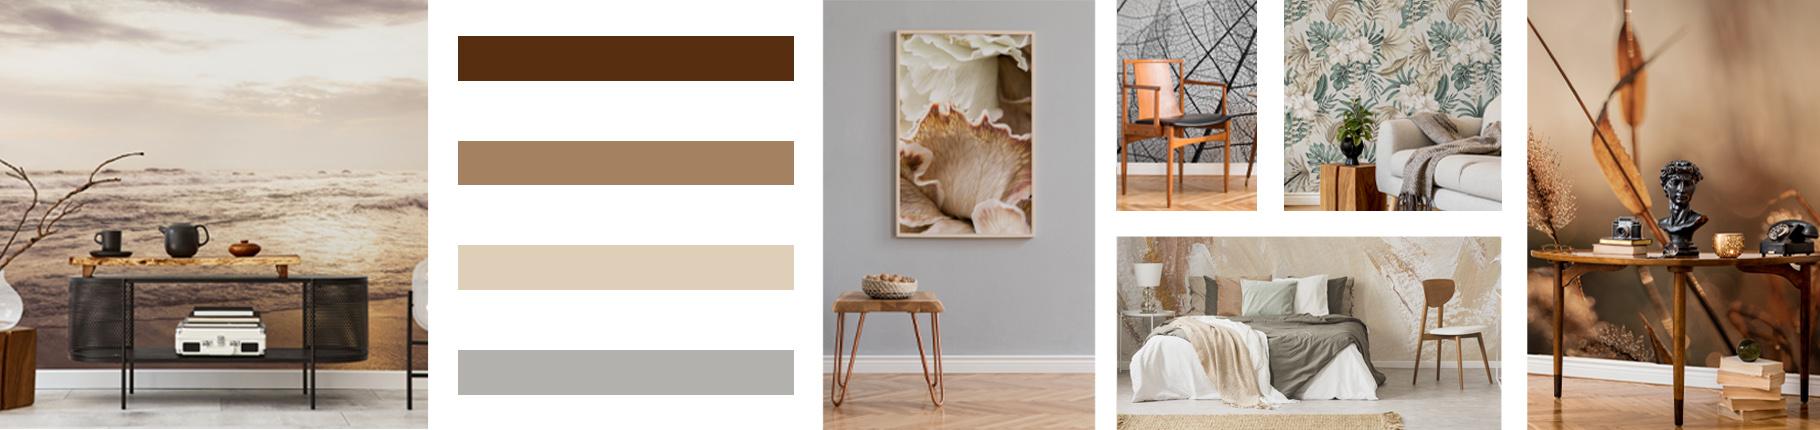 Jak vybrat nástěnnou dekoraci?